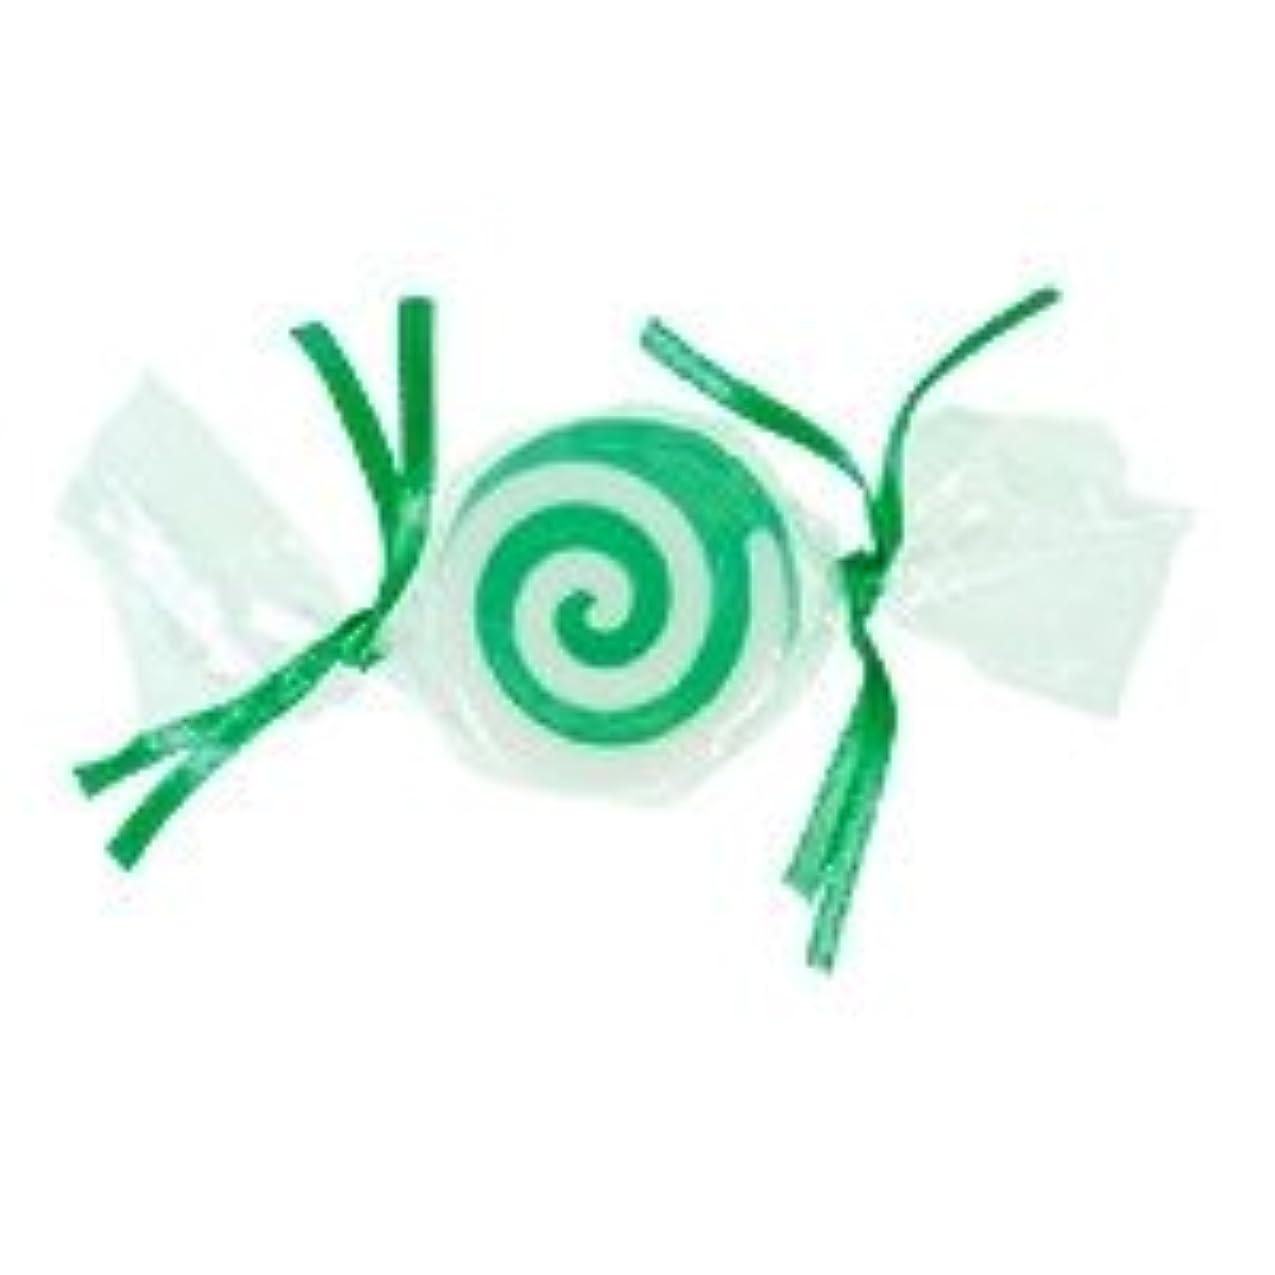 カカドゥ満了離れてベジタブルソープ キャンディ「グリーン」20個セット グリーンアップルの香り